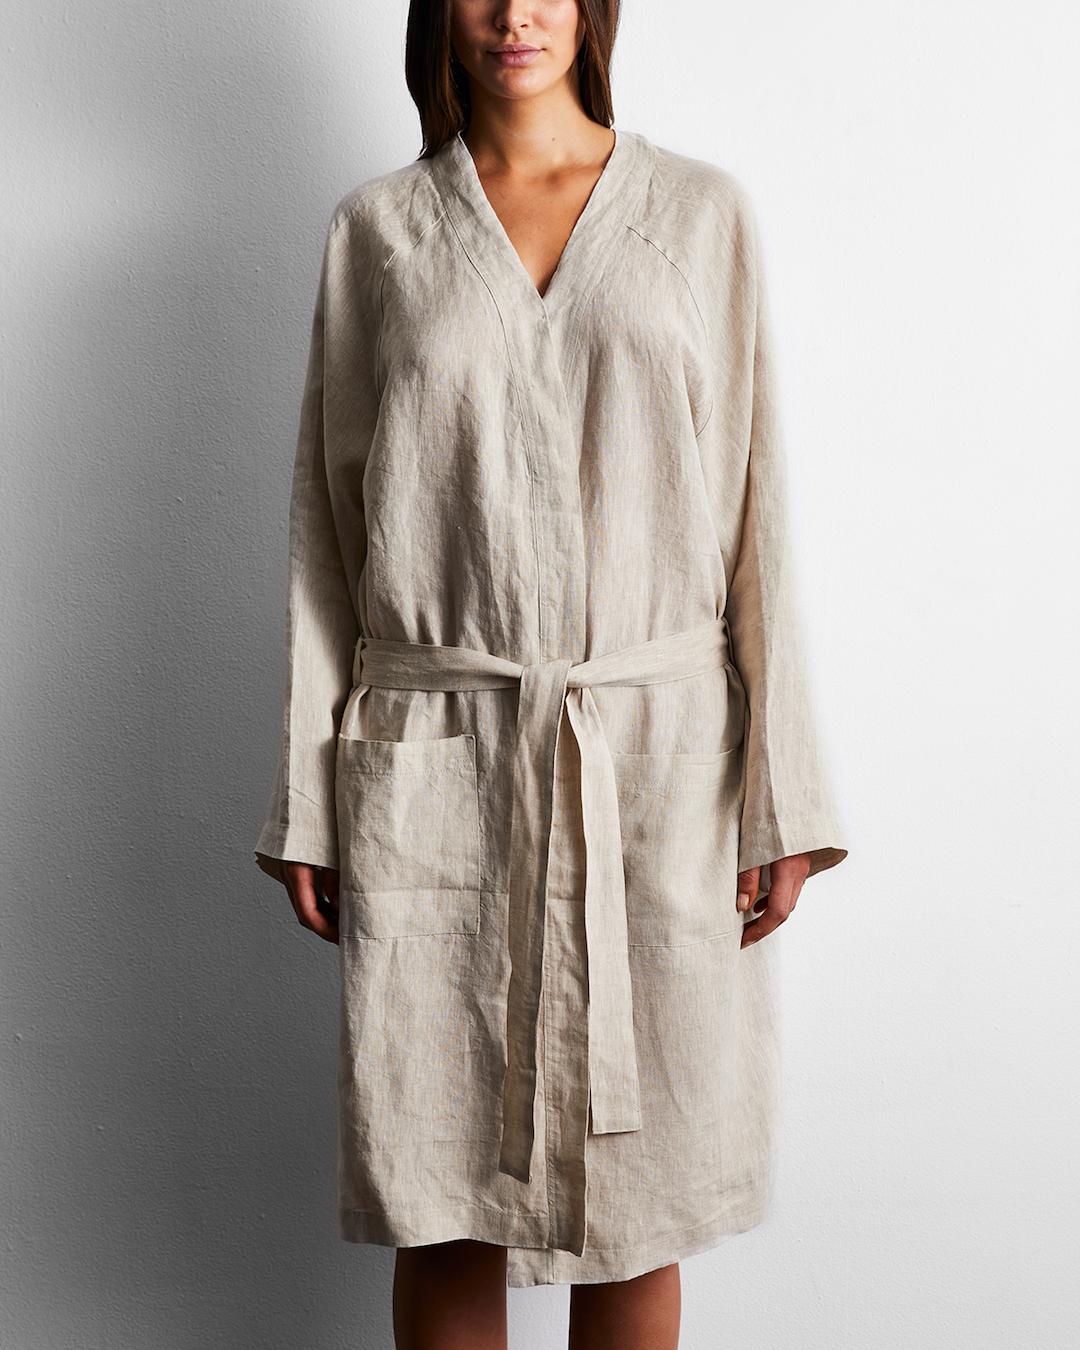 Linen bathrobe long linen robe kimono bath robe,white linen robe linen robe bath robe woman linen robe bath linen